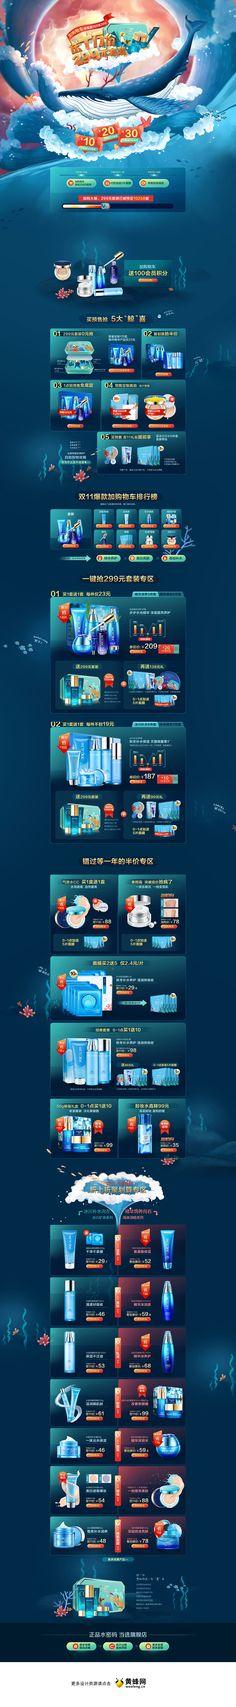 水密码美妆美容美发护肤化妆品天猫双11预售双十一预售首页页面设计 更多设计资源尽在黄蜂网http://woofeng.cn/